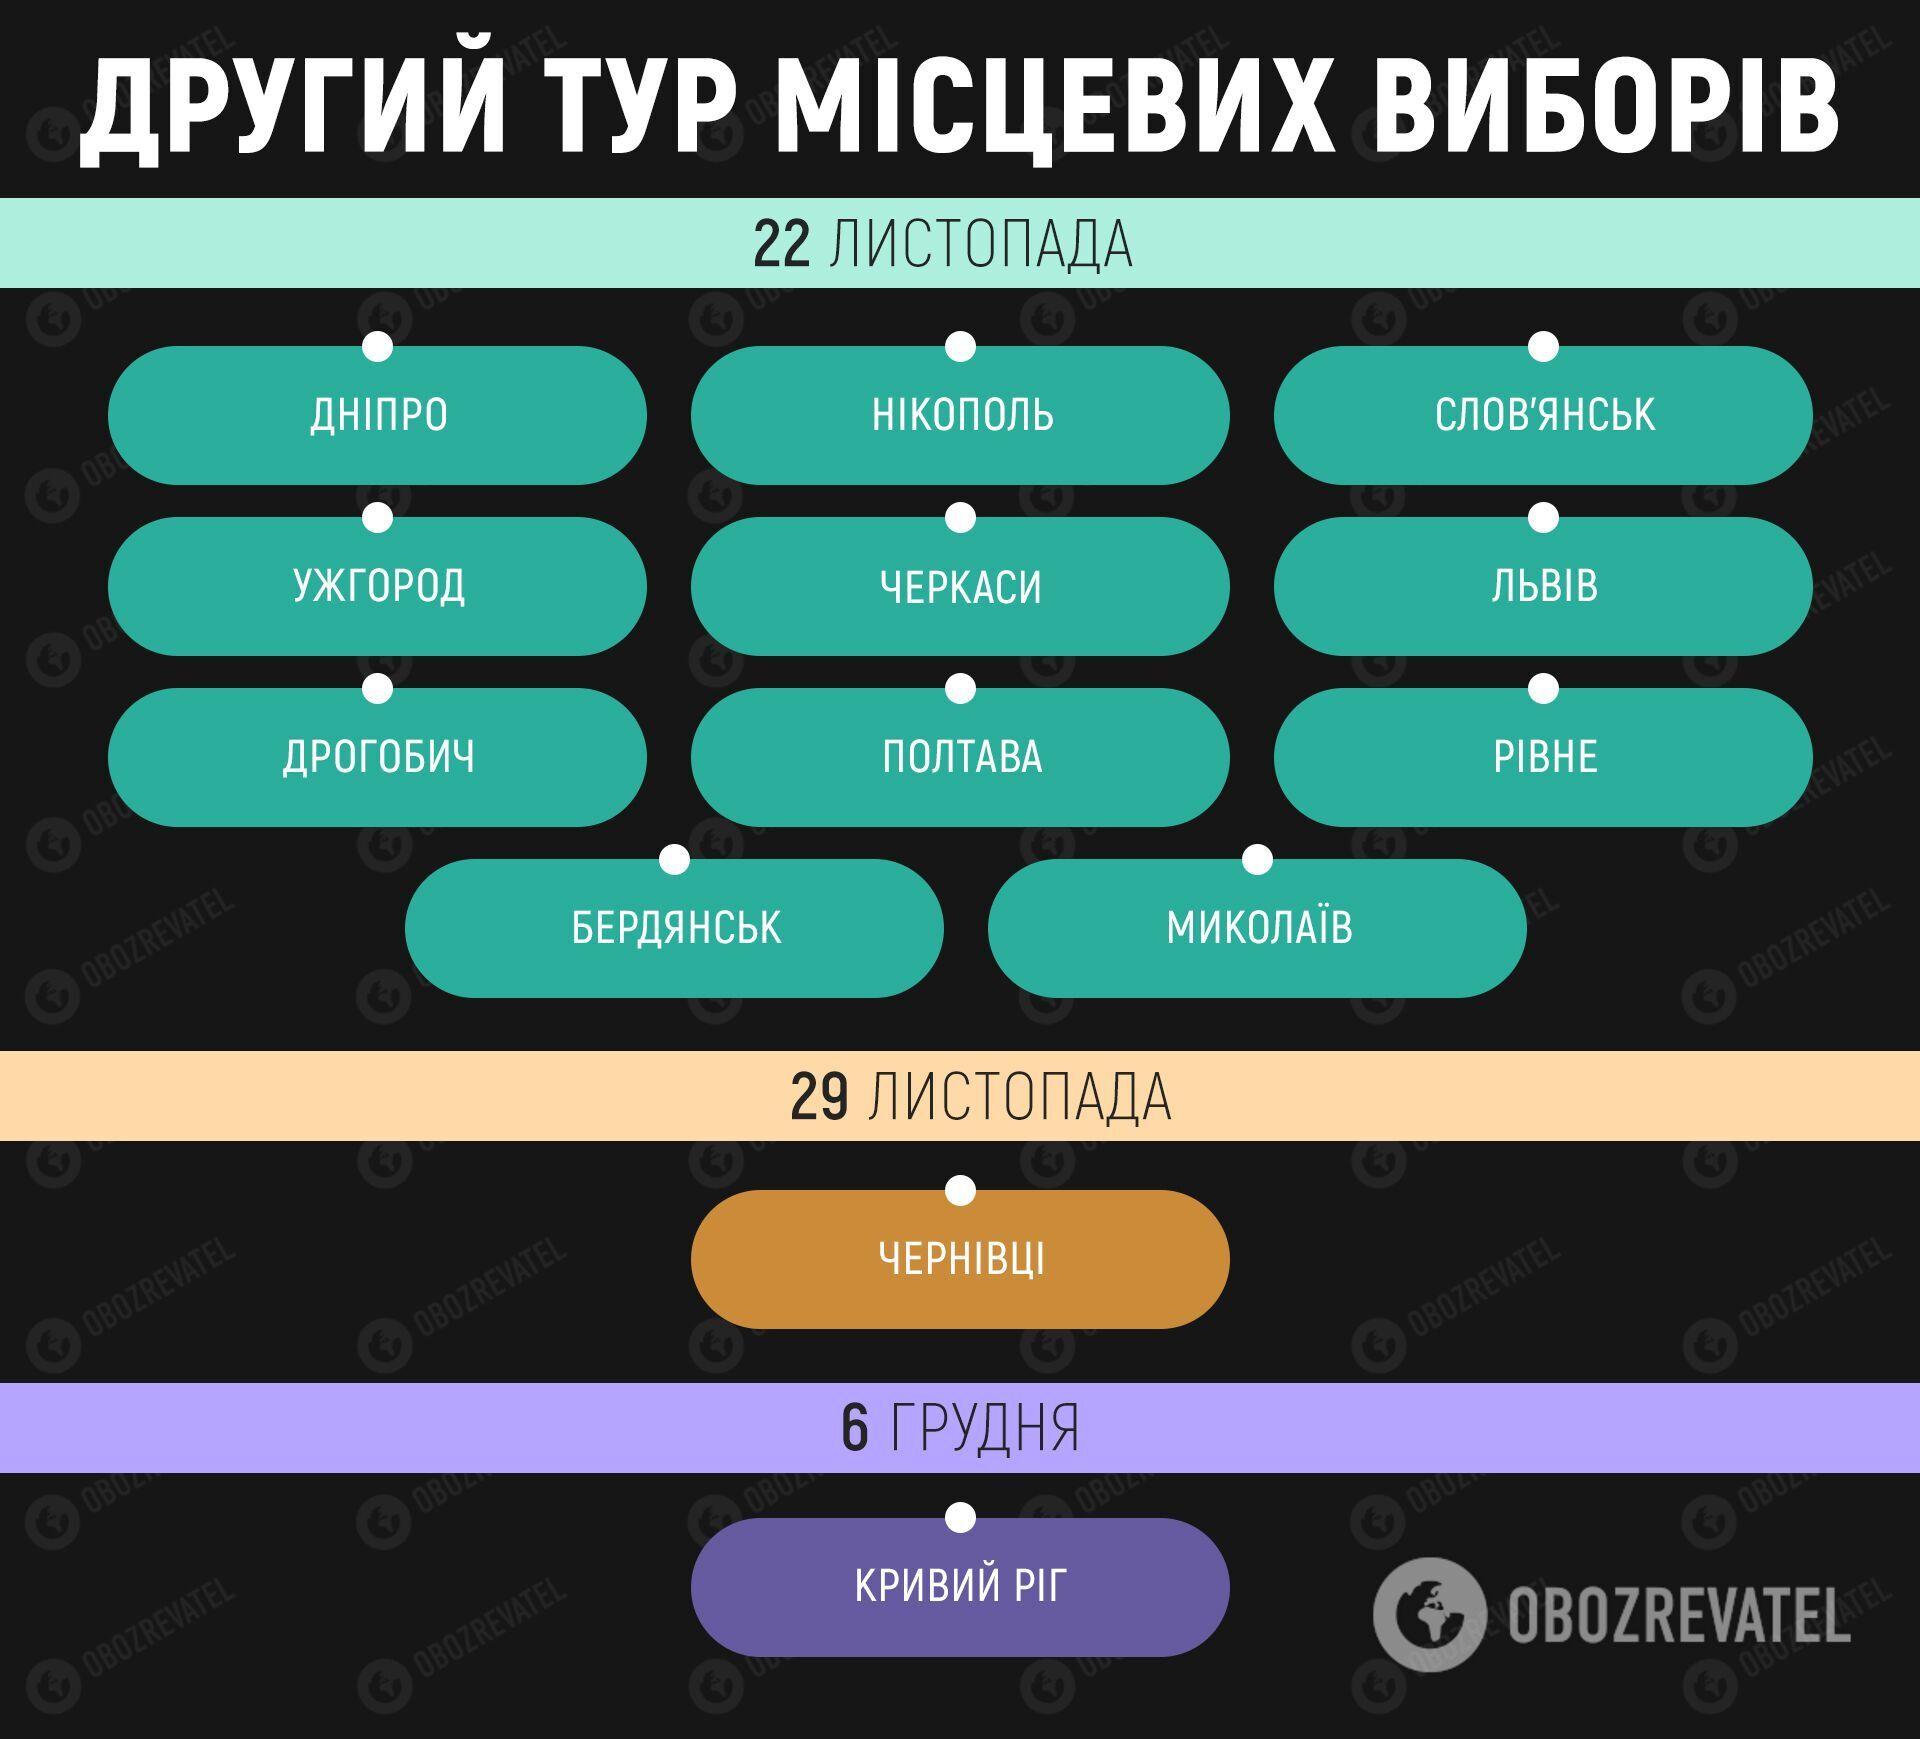 Другий тур місцевих виборів 22 листопада: які міста будуть голосувати за мерів